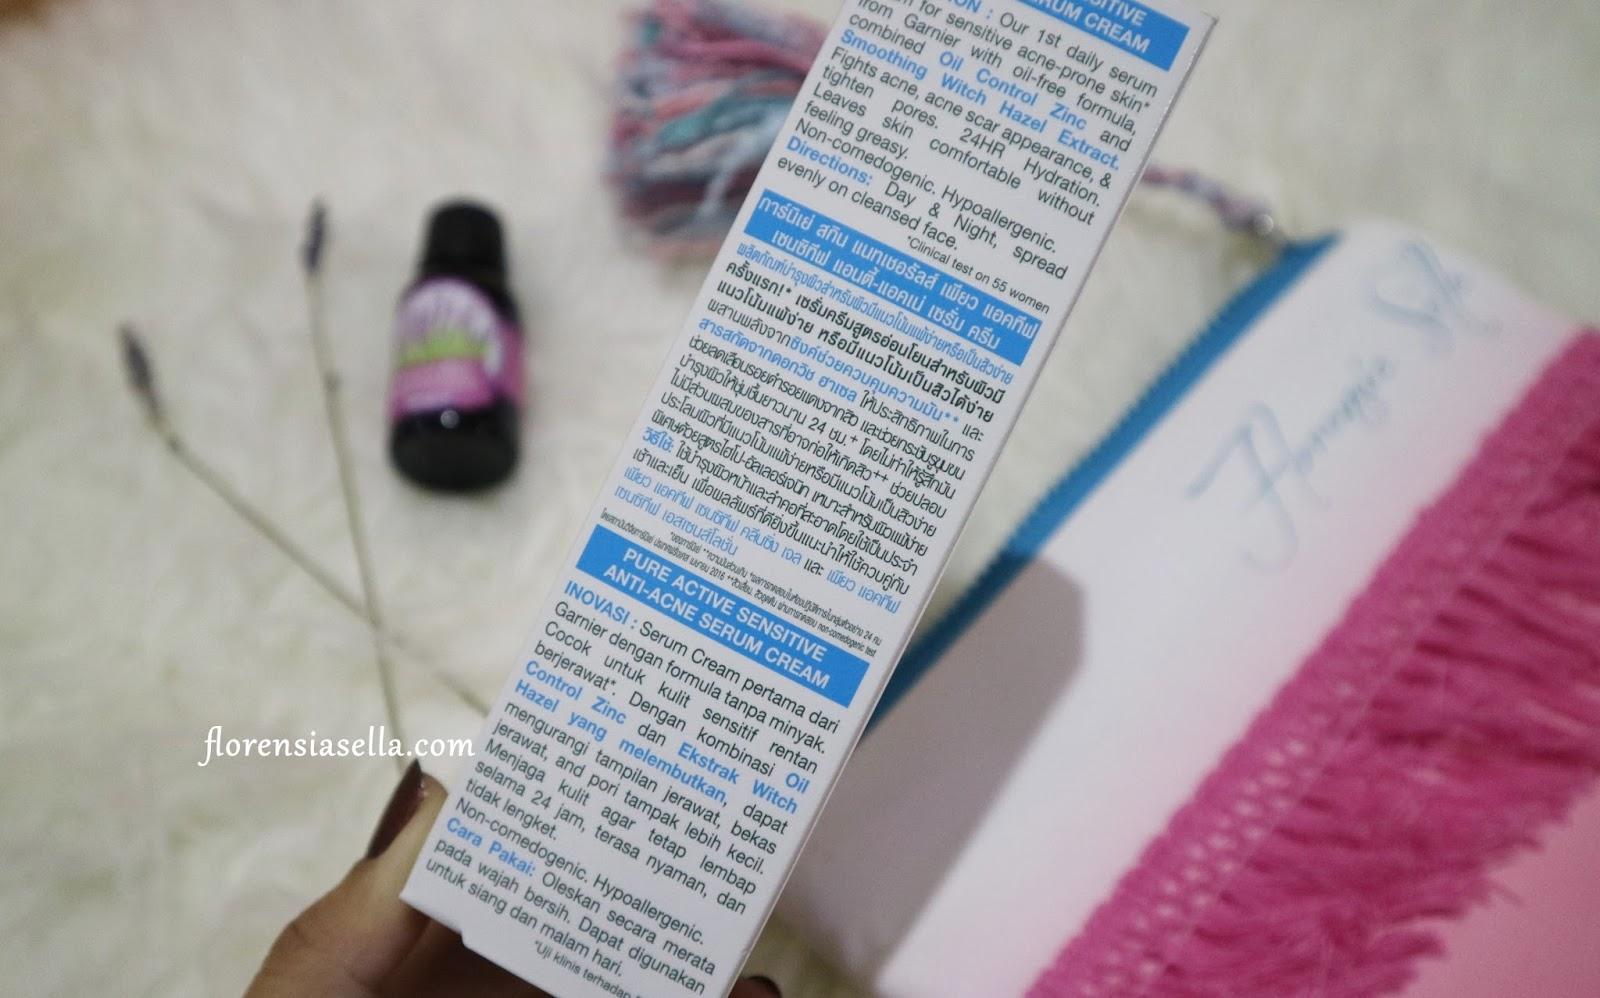 Review Garnier Pure Active Sensitive Anti Acne Cleansing Gel Foam 100 Ml Di Bagian Belakang Box Serum Cream Ini Juga Ada Keterangan Mengenai Produknya Menggunakan 3 Bahasa